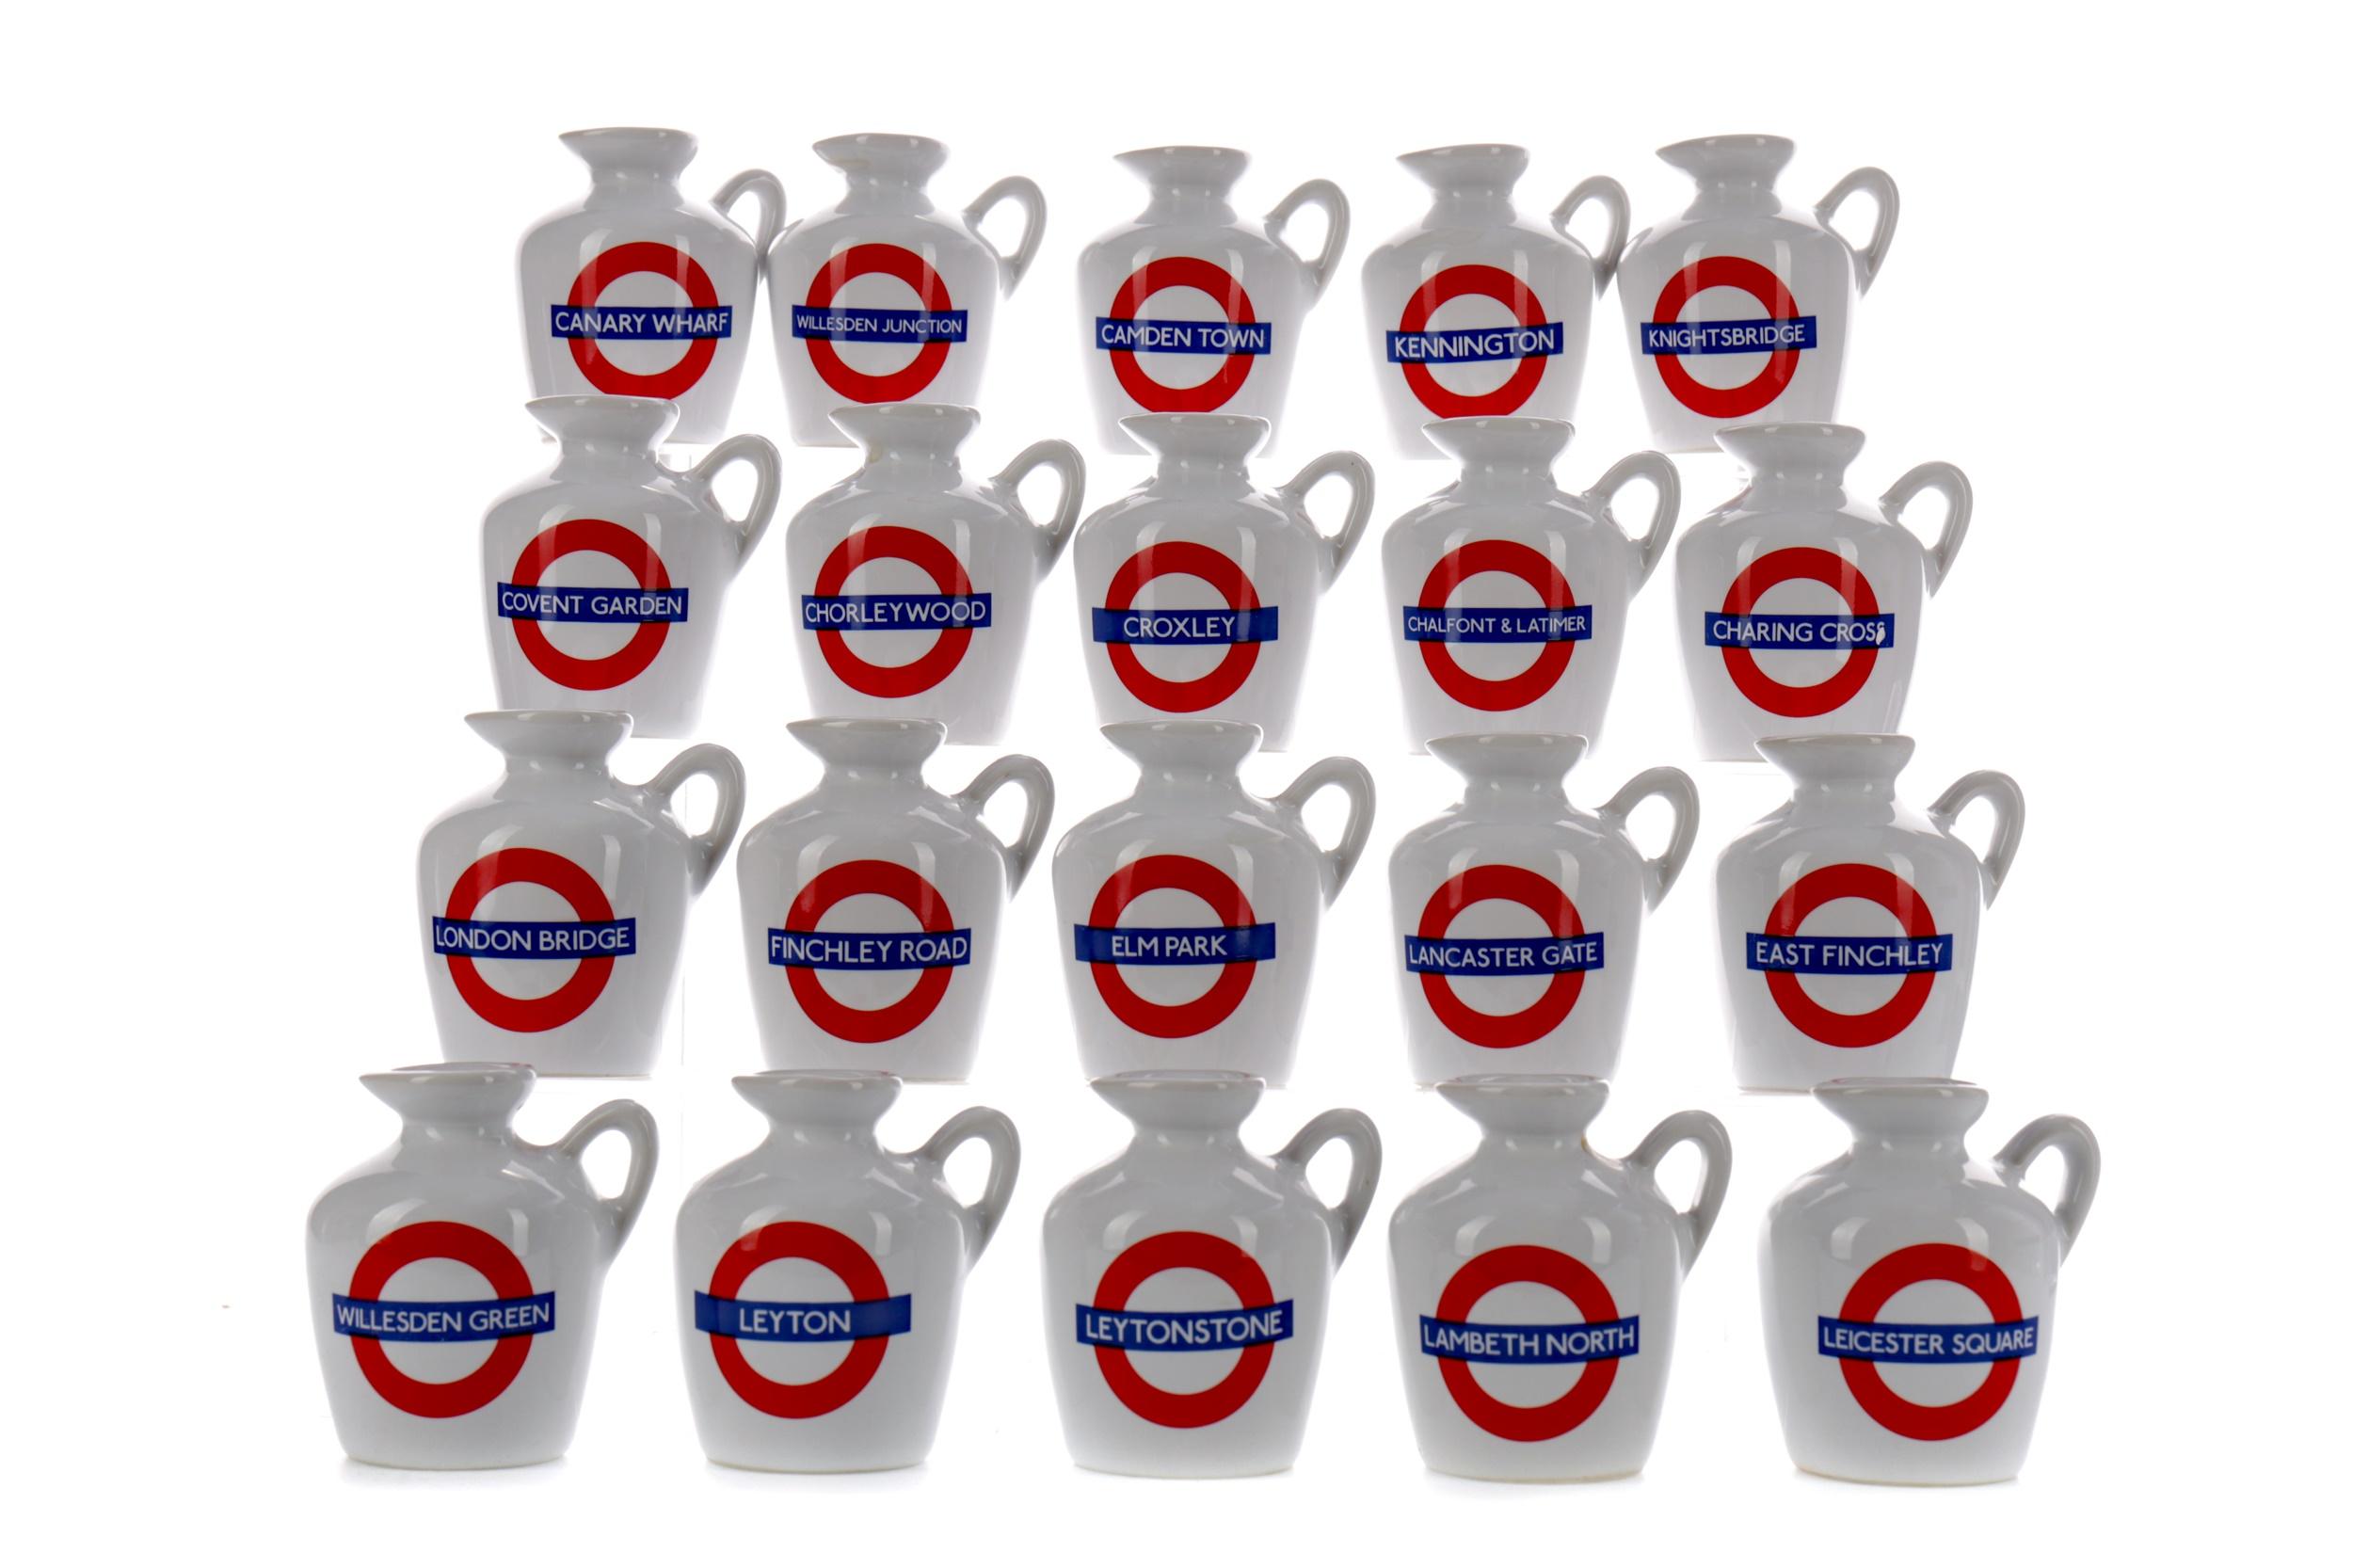 TWENTY MACALLAN LONDON UNDERGROUND SERIES 10 YEAR OLD MINIATURES